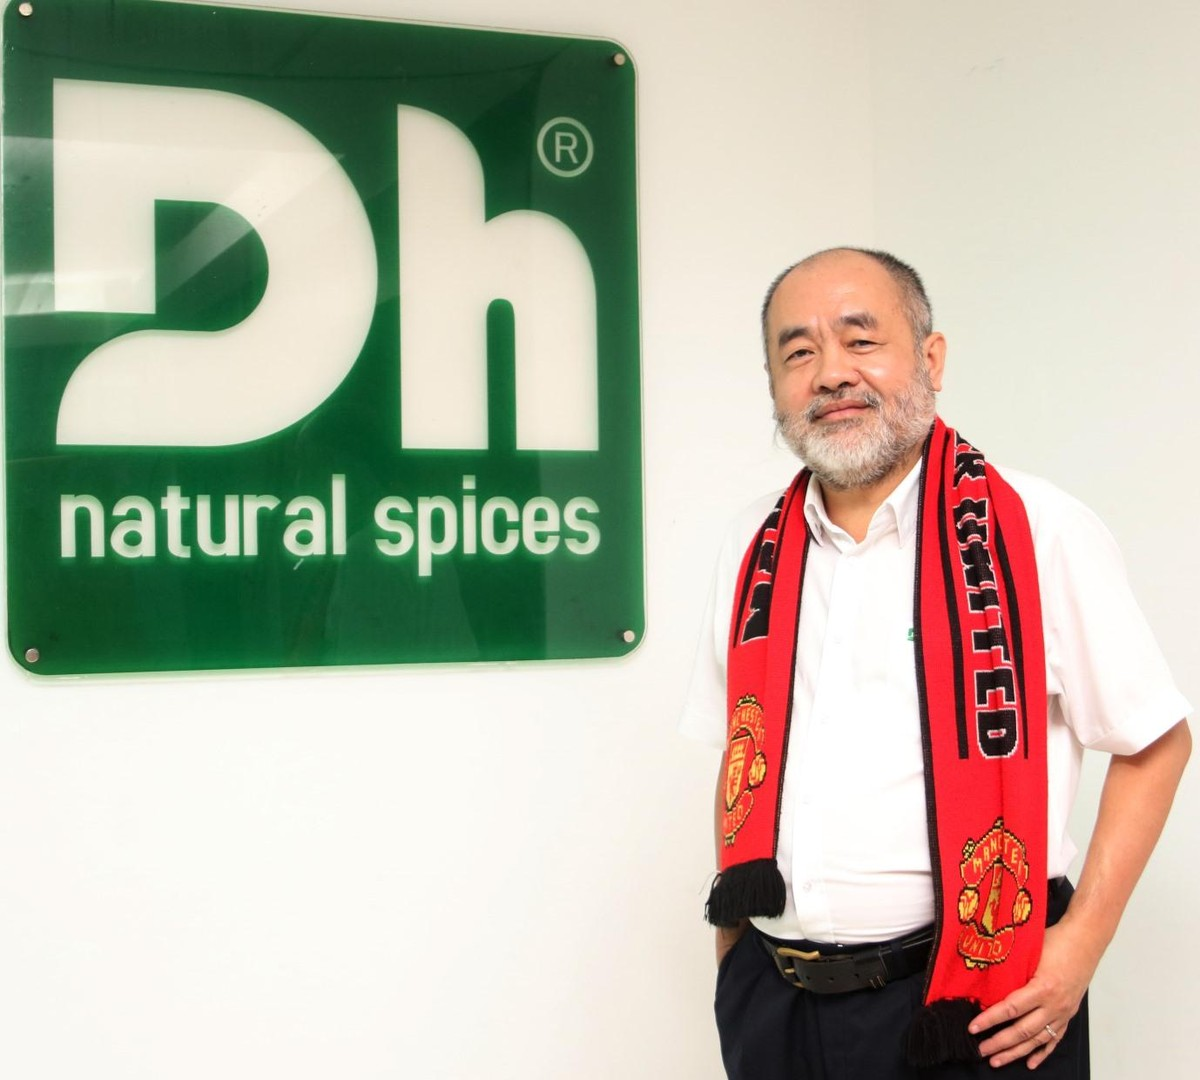 """Chuyện khởi nghiệp ở tuổi 50 của """"ông trùm"""" gia vị Dh Foods ảnh 2"""